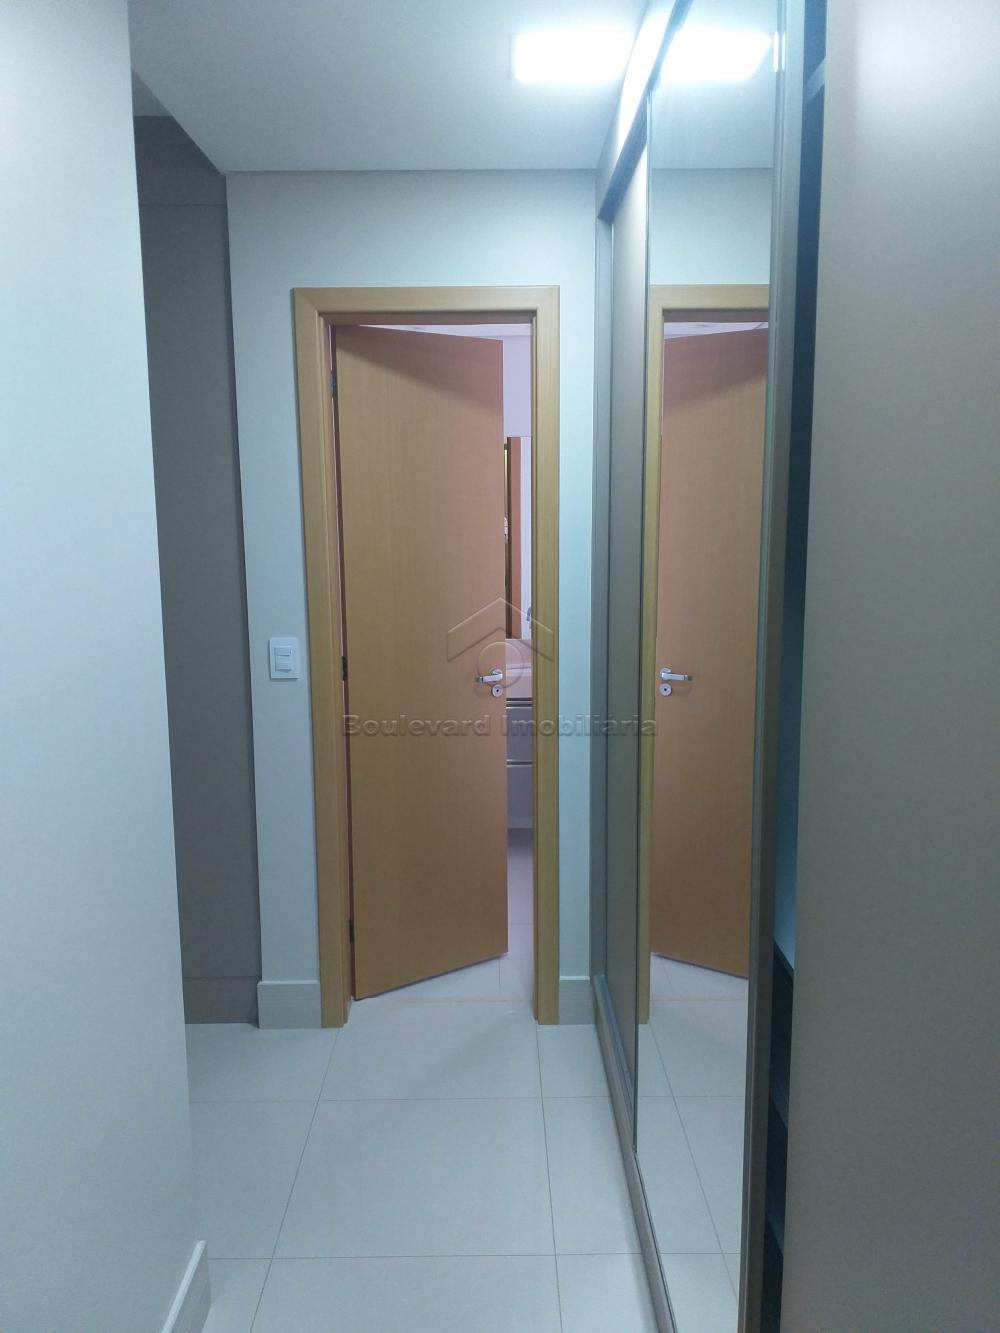 Comprar Apartamento / Padrão em Ribeirão Preto apenas R$ 740.000,00 - Foto 9